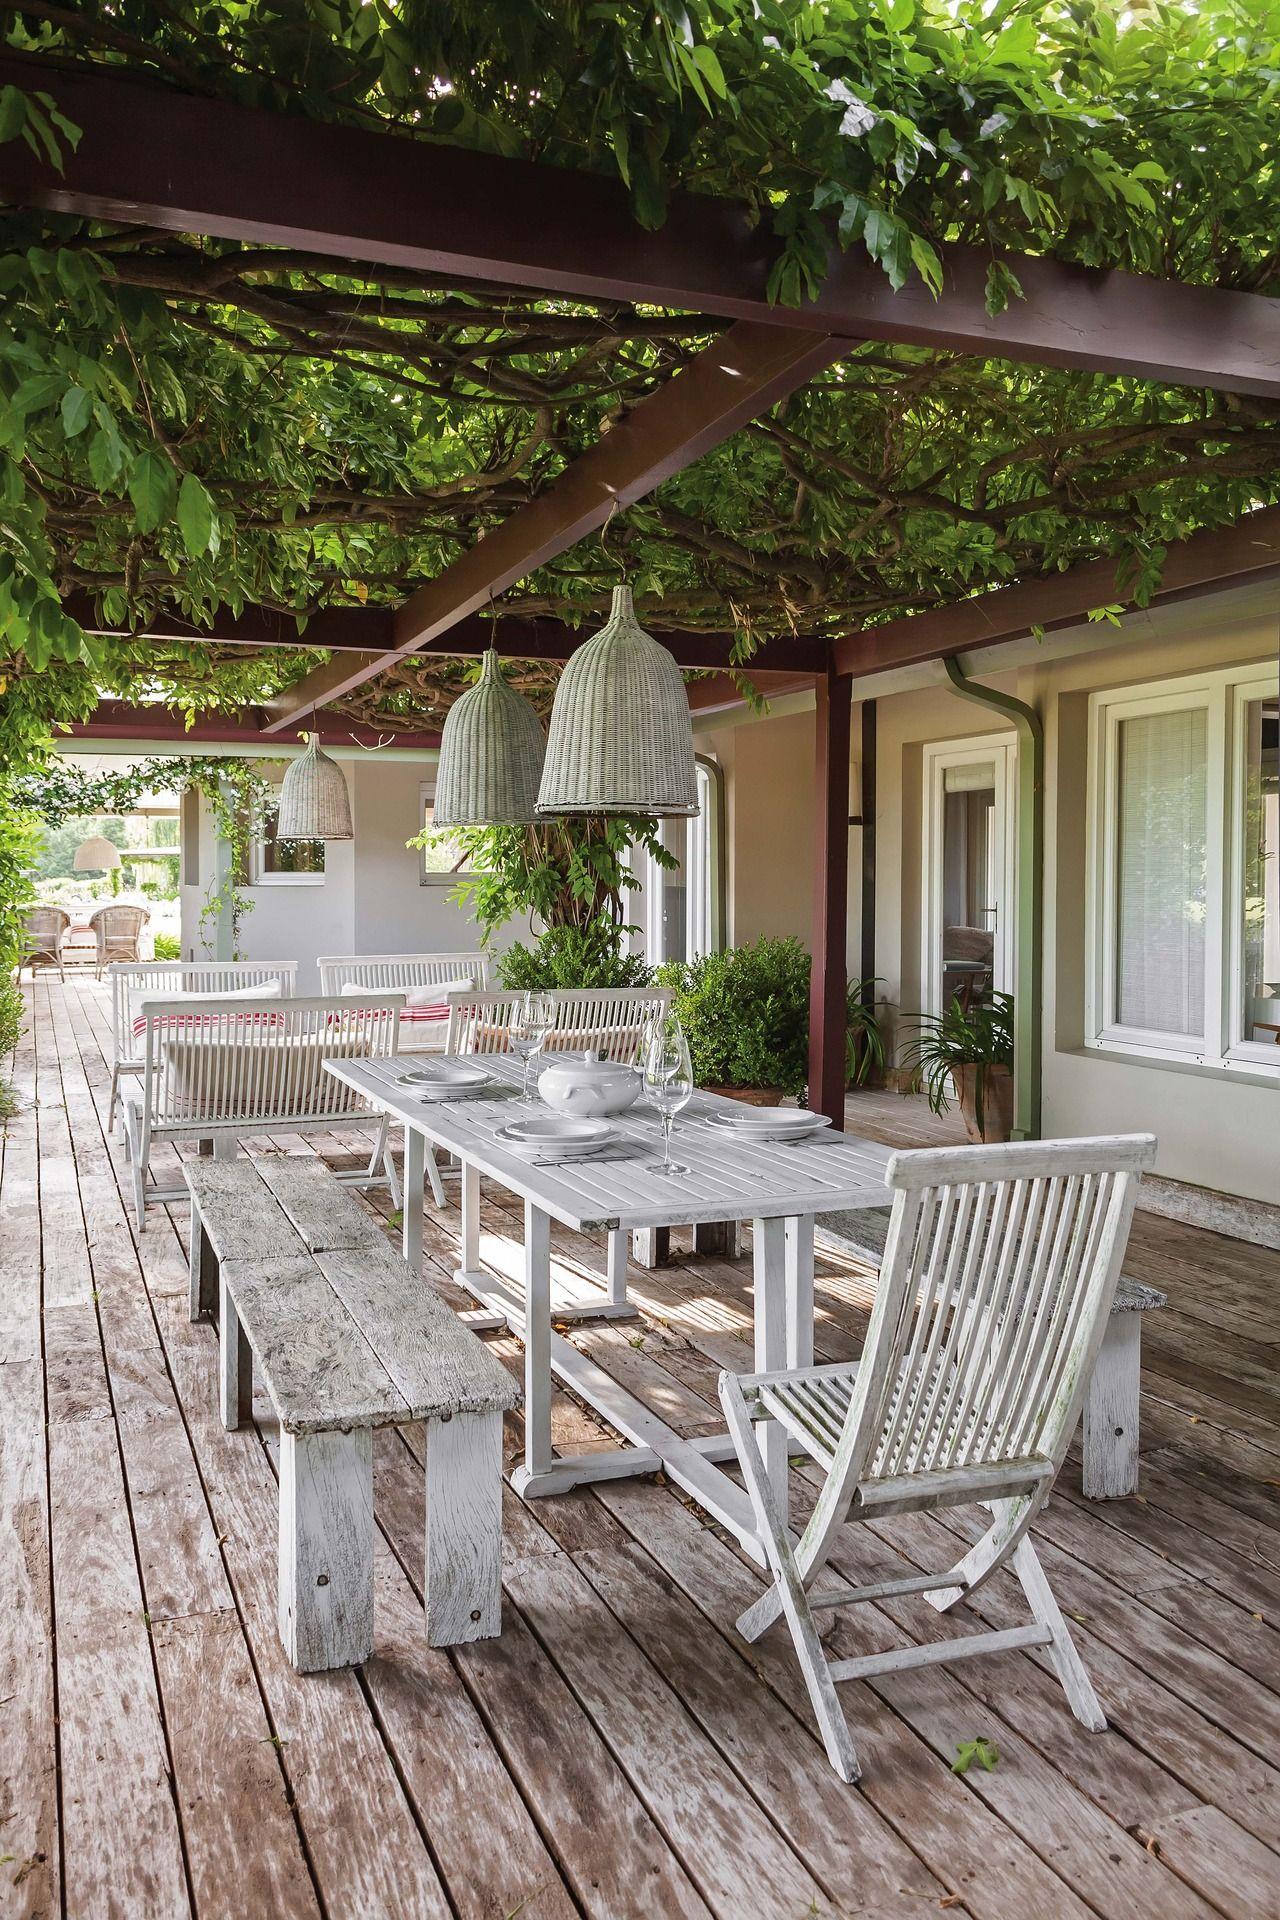 Una casa con un jardín espectacular | Patios, Pergolas and Gardens